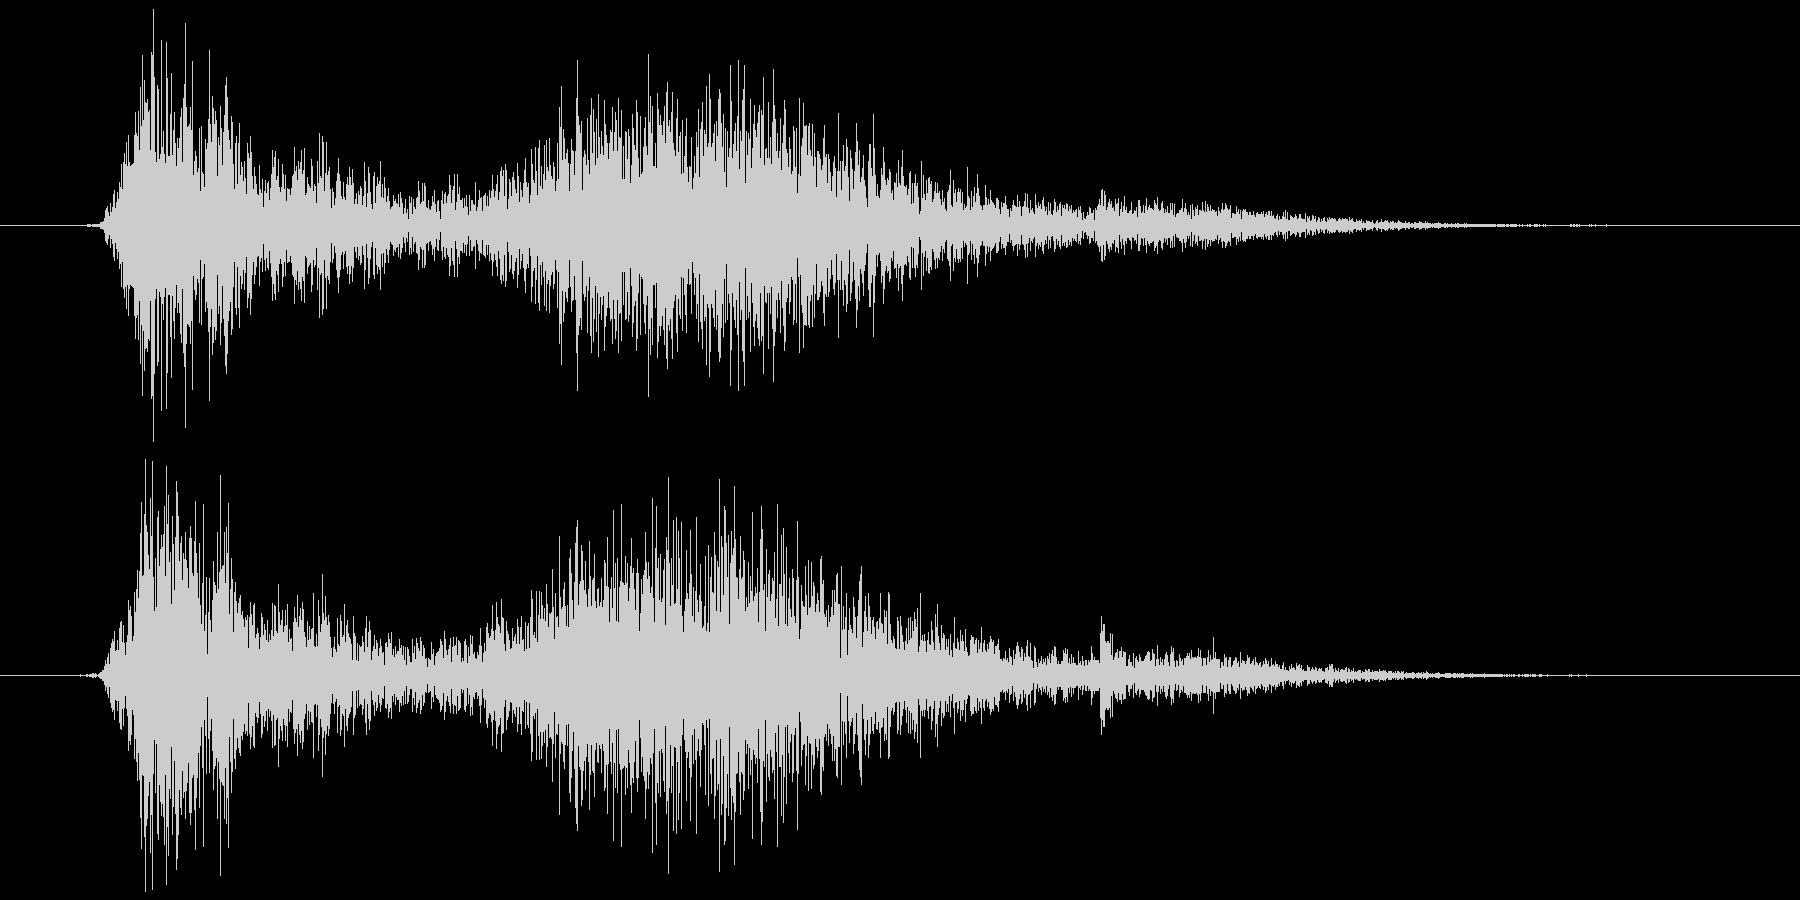 テレビ/ブラウン管 カシュッ+チリッの未再生の波形